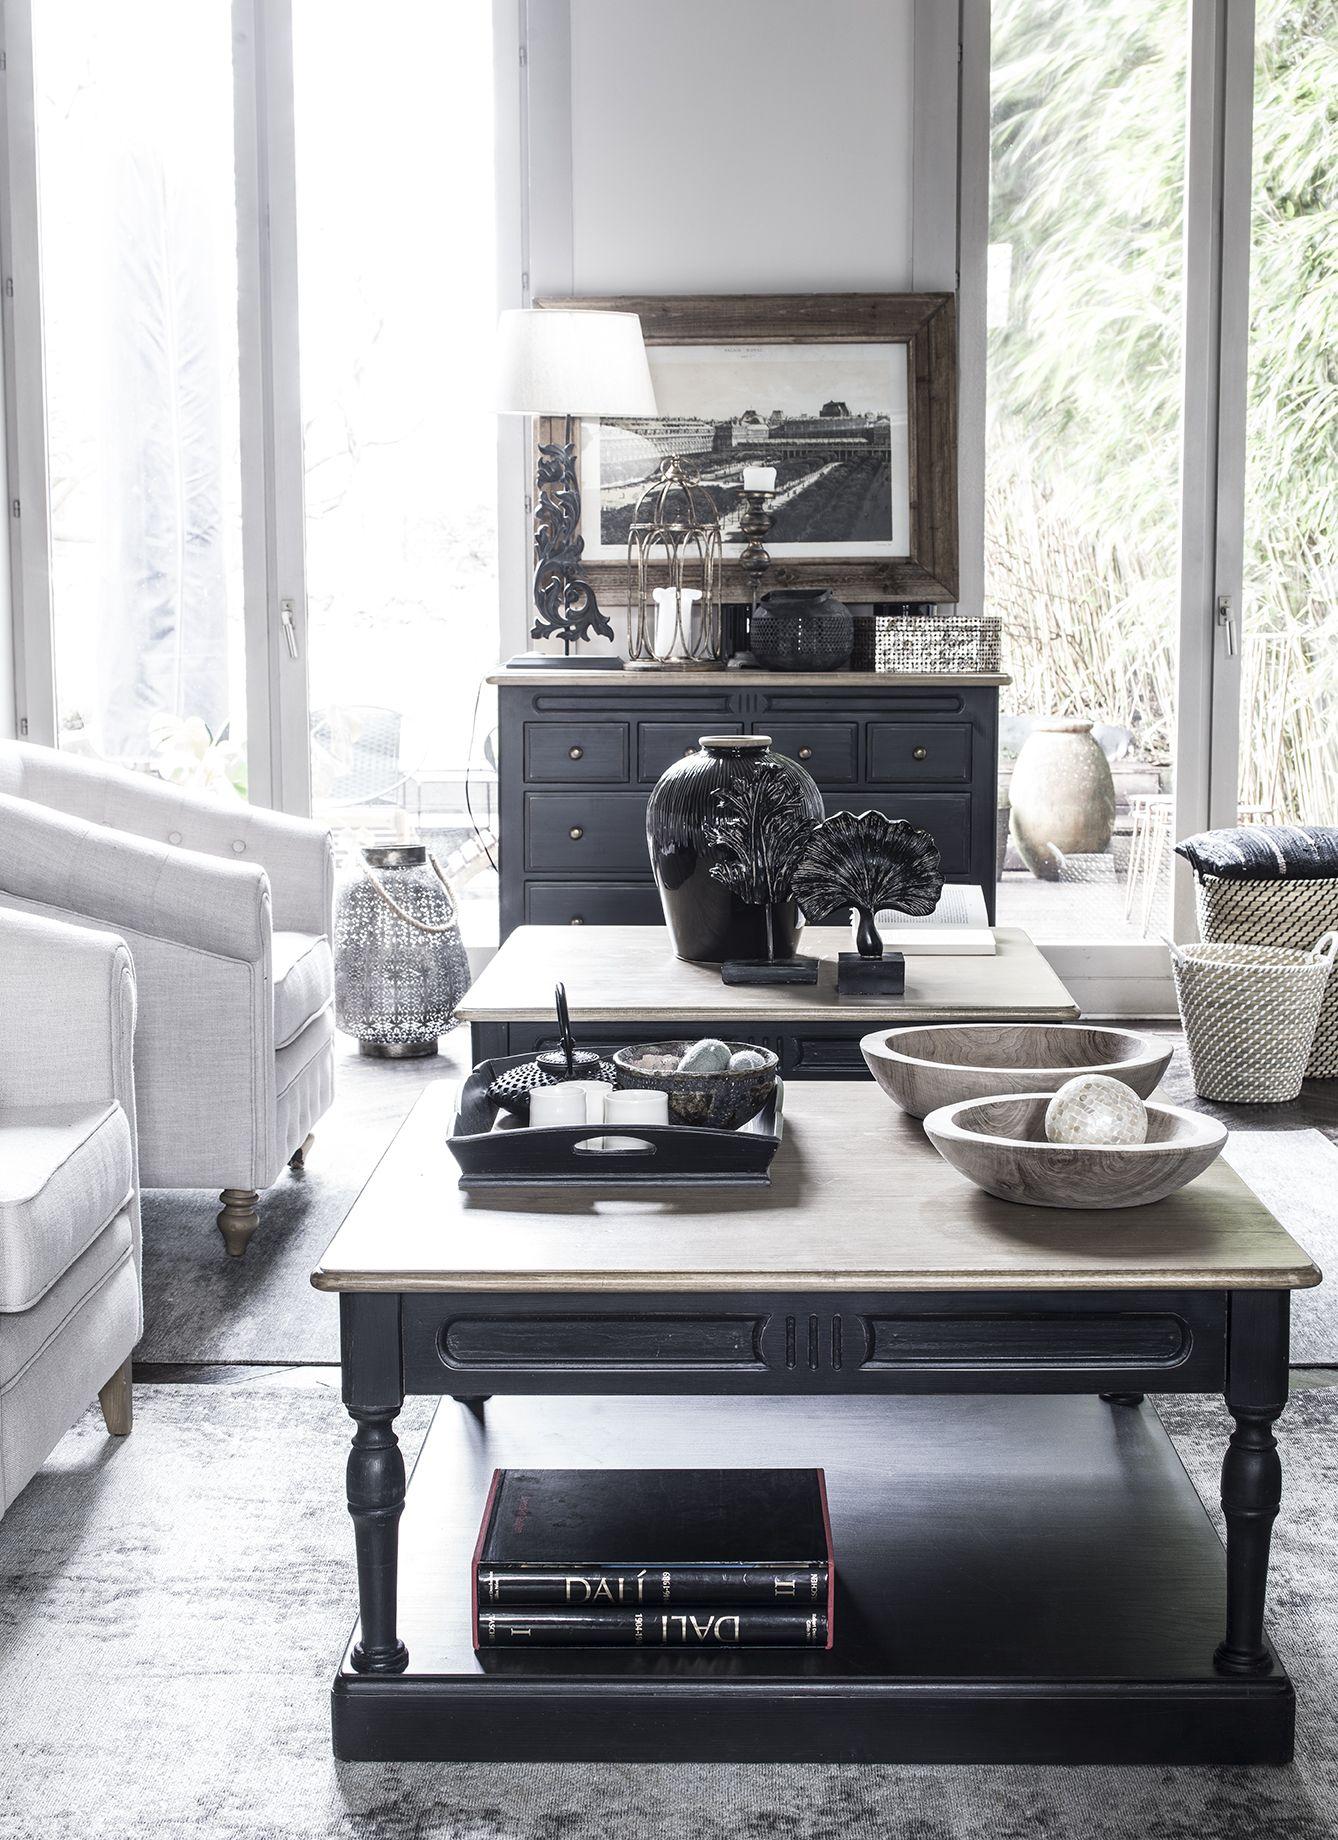 La Collection De Meubles Manoir S Appuie Sur Le Melange De Meubles De Style Bourgeois Du Xviiieme Siecl Table Basse Carree Noire Table Basse Carree Table Basse